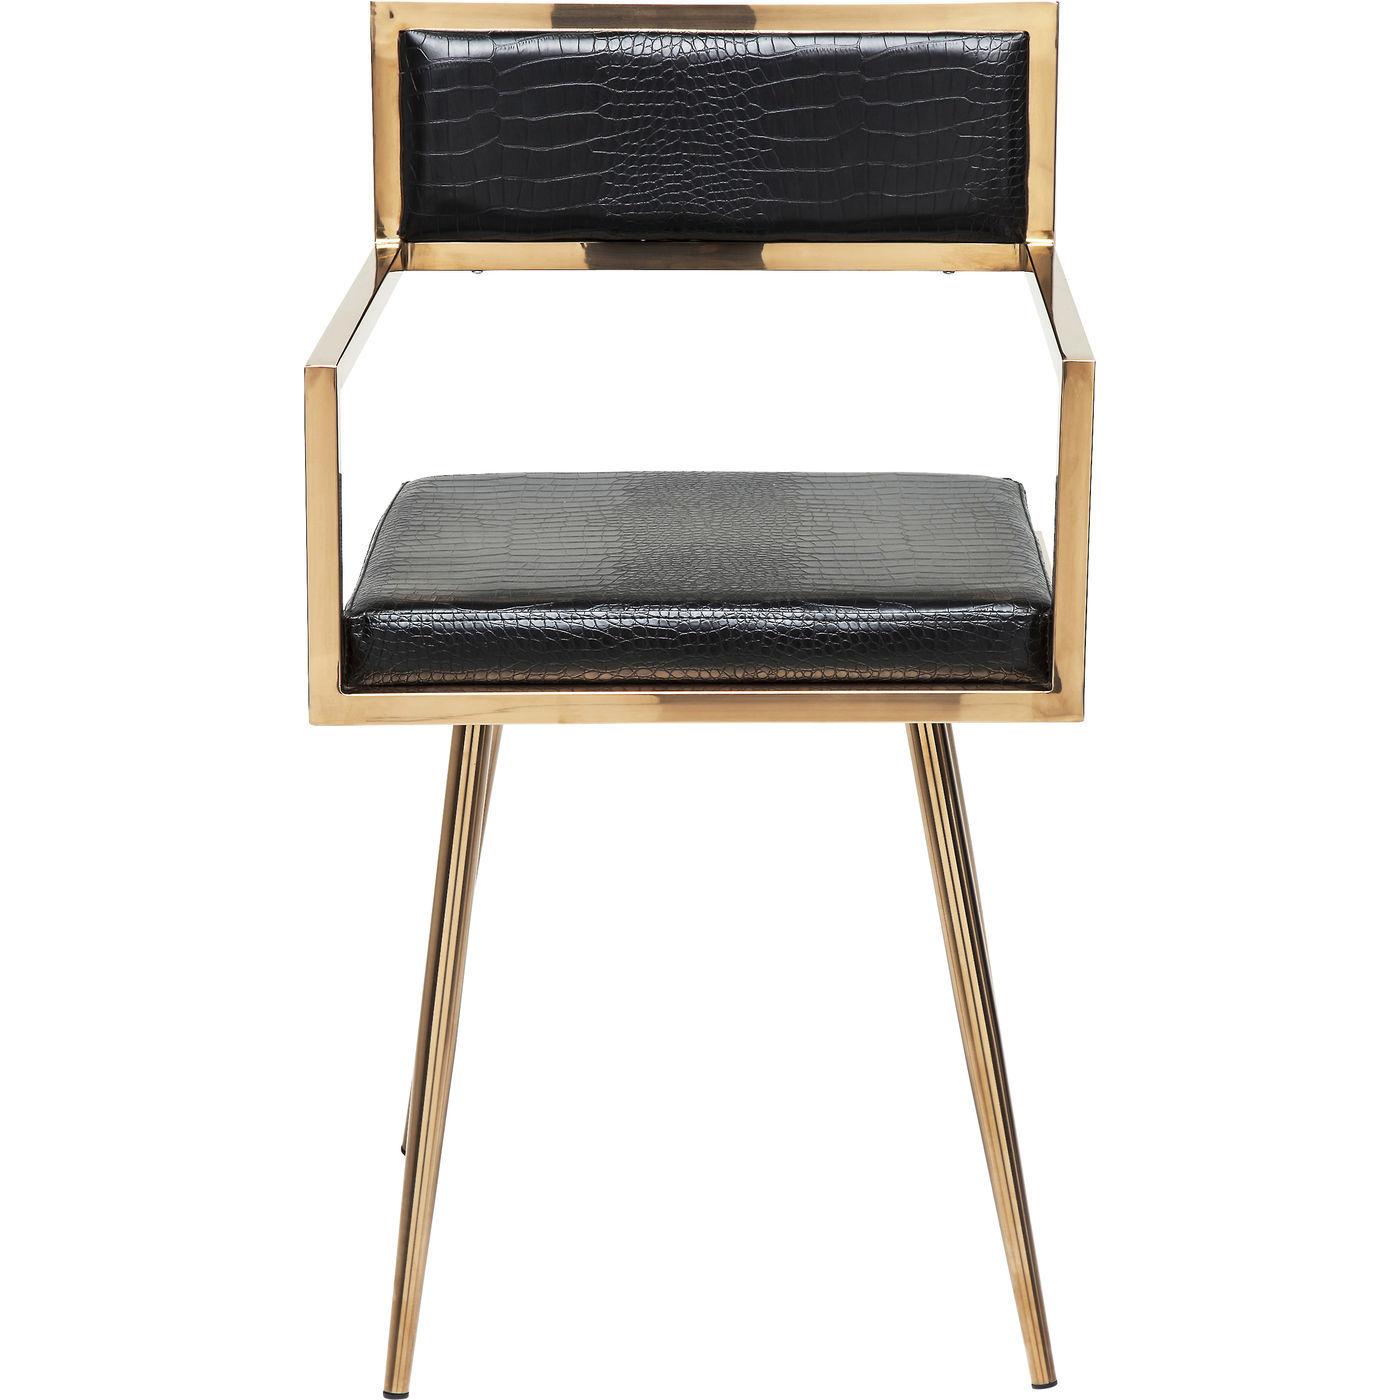 kare design – Kare design jazz rosegold spisebordsstol - guld stål og sort kunstlæder, m. armlæn på boboonline.dk